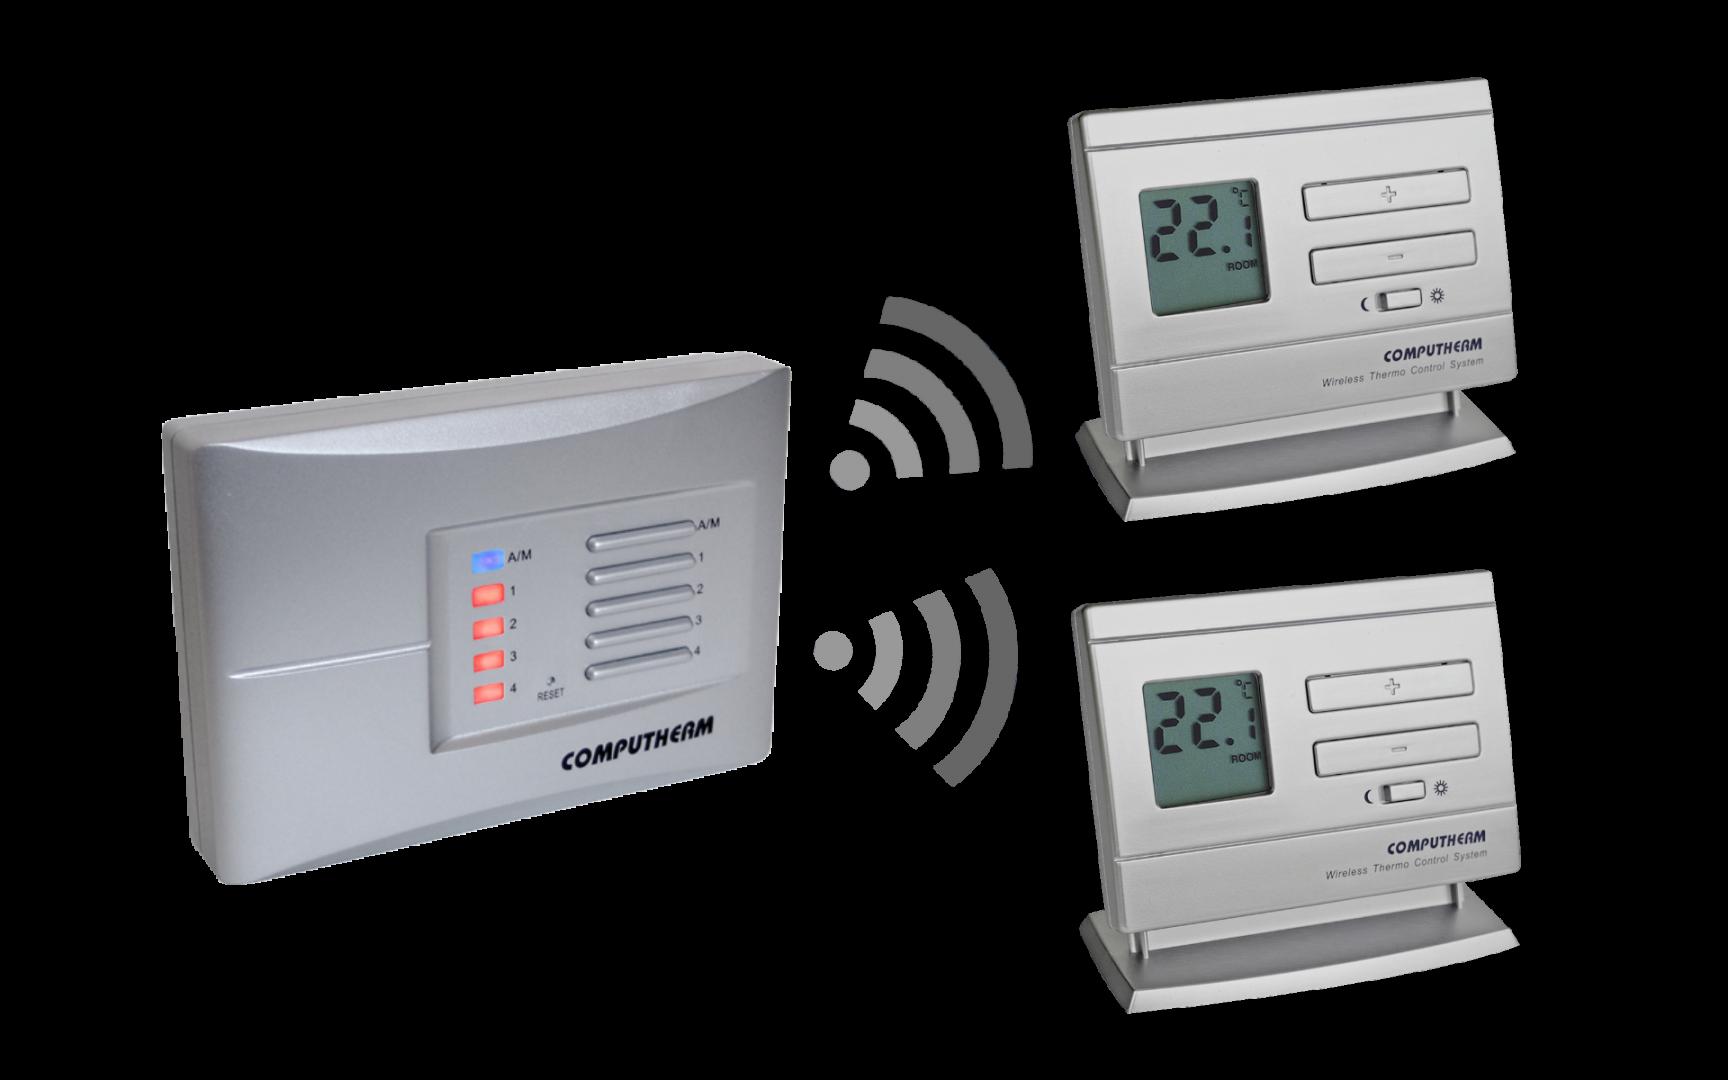 Bežični zonski termostati sa prijemnom jedinicom Q5RF